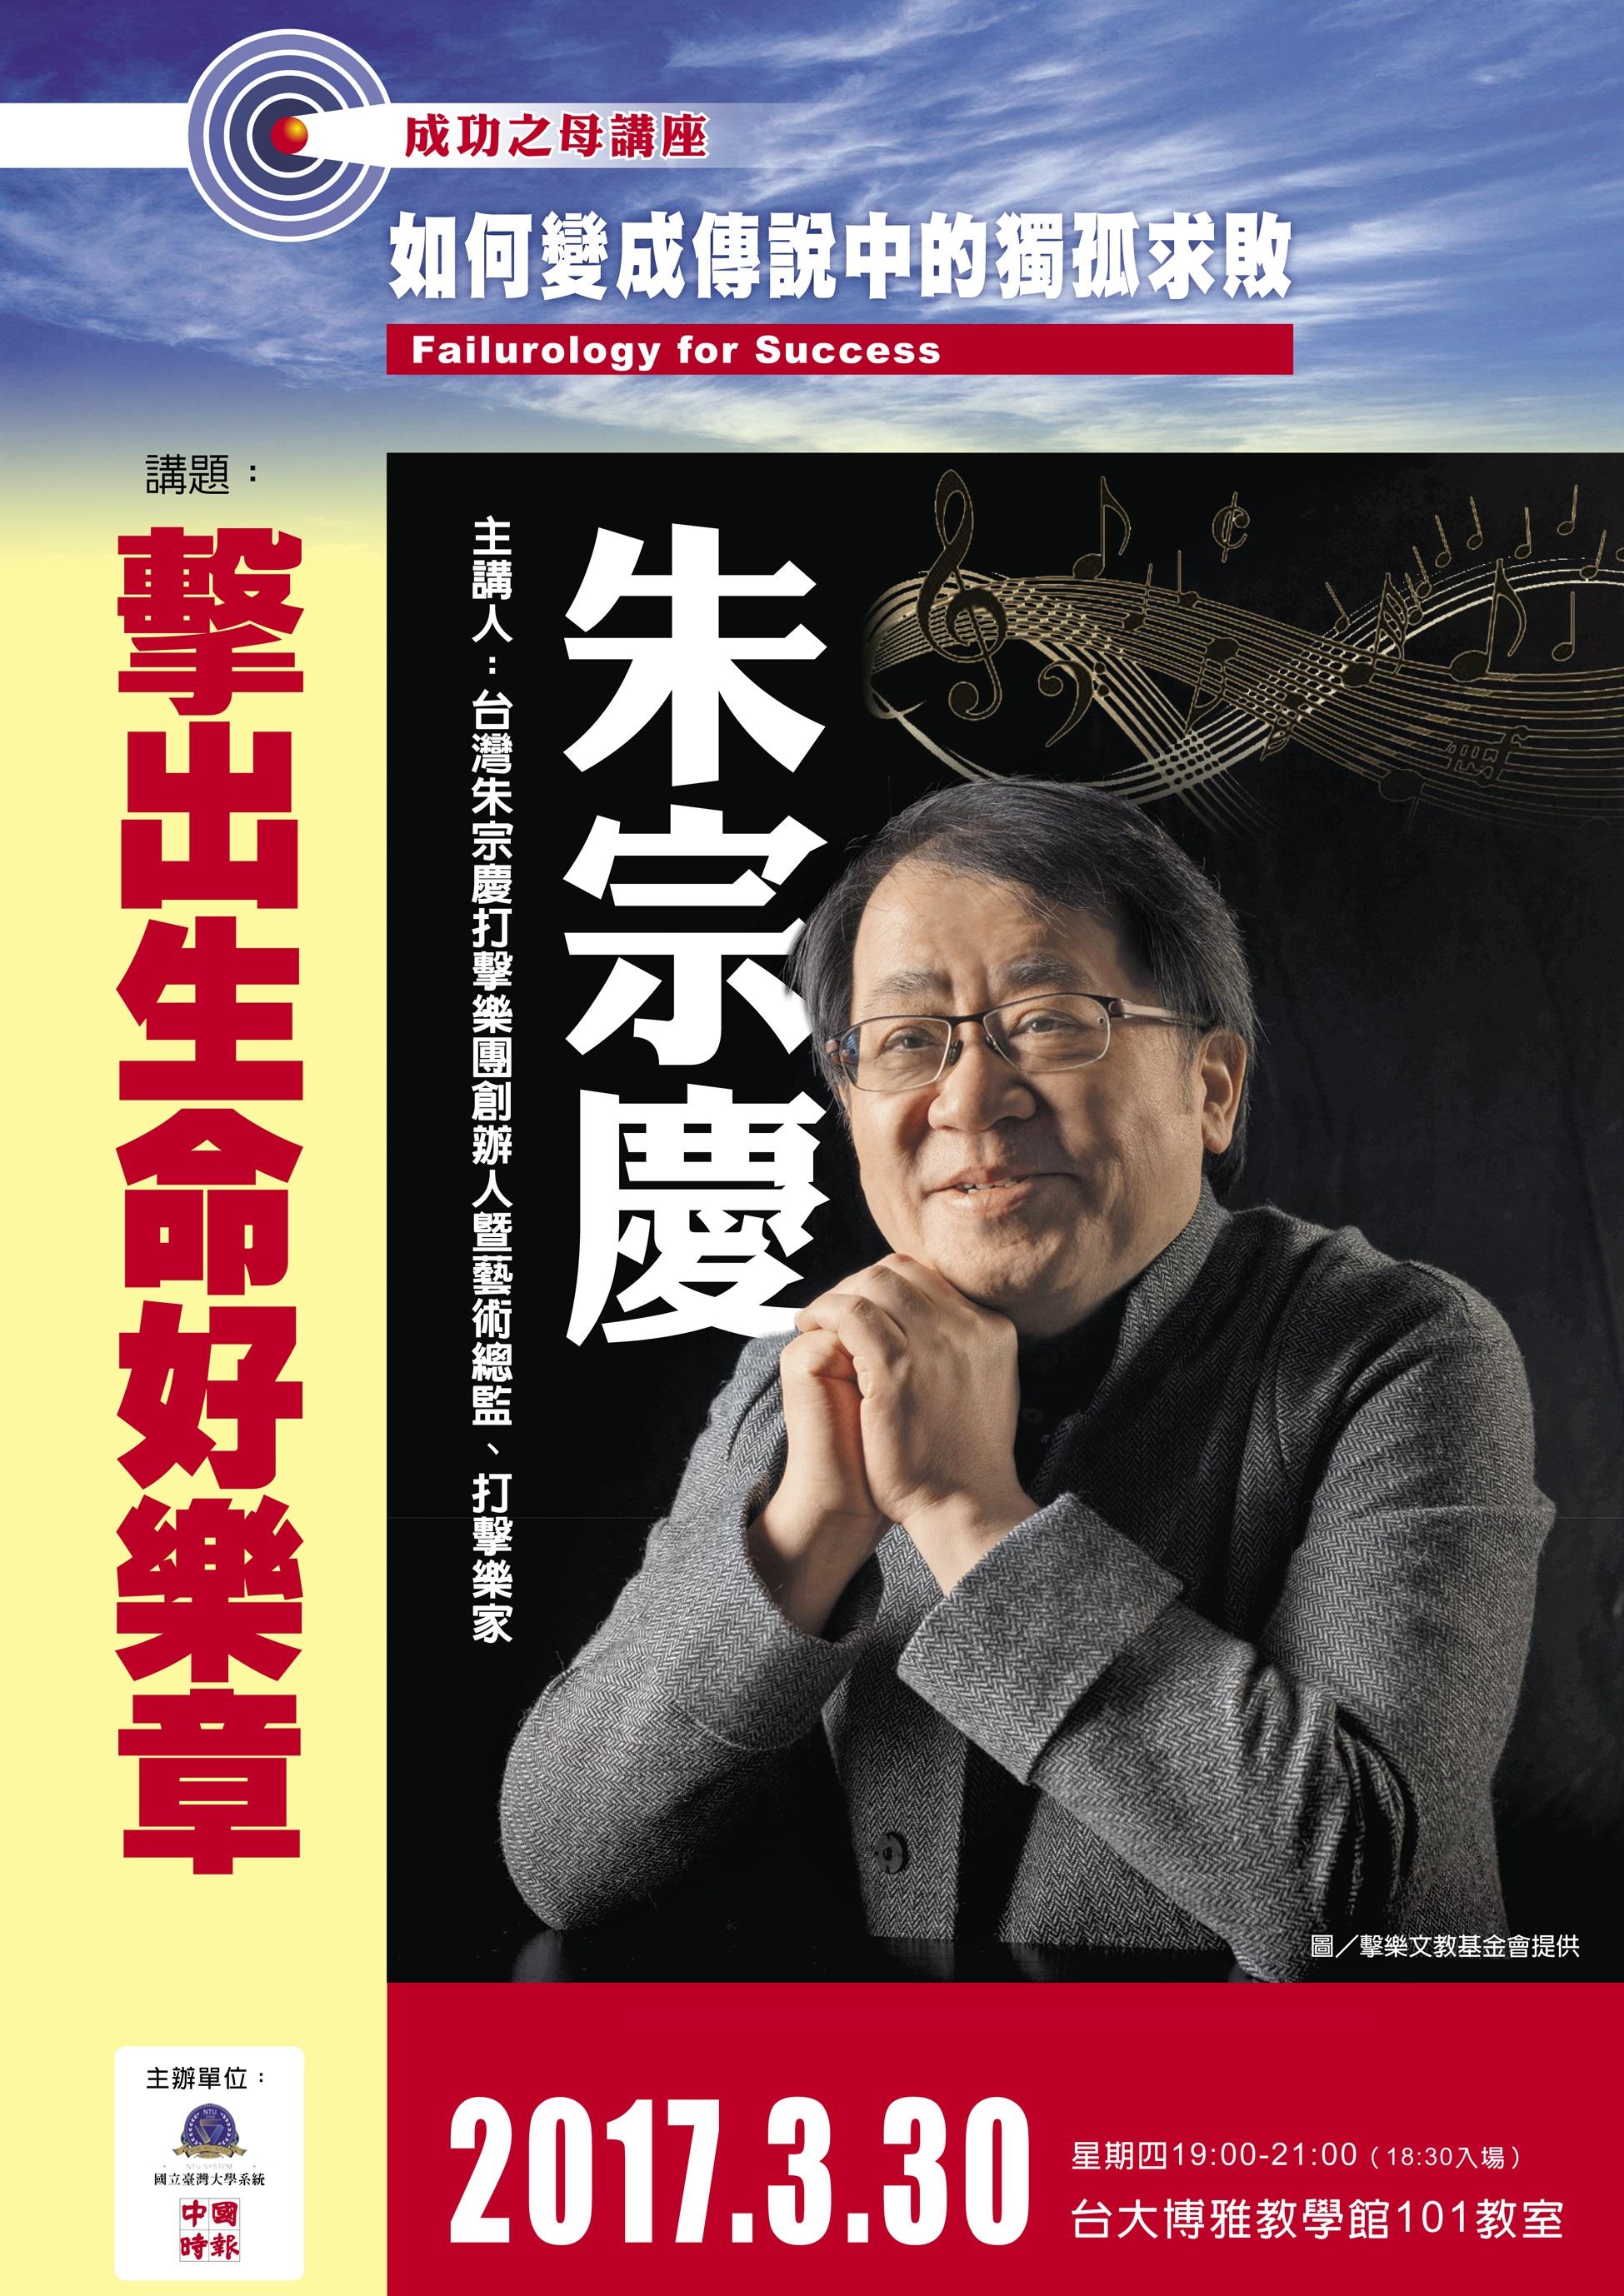 朱宗慶 poster